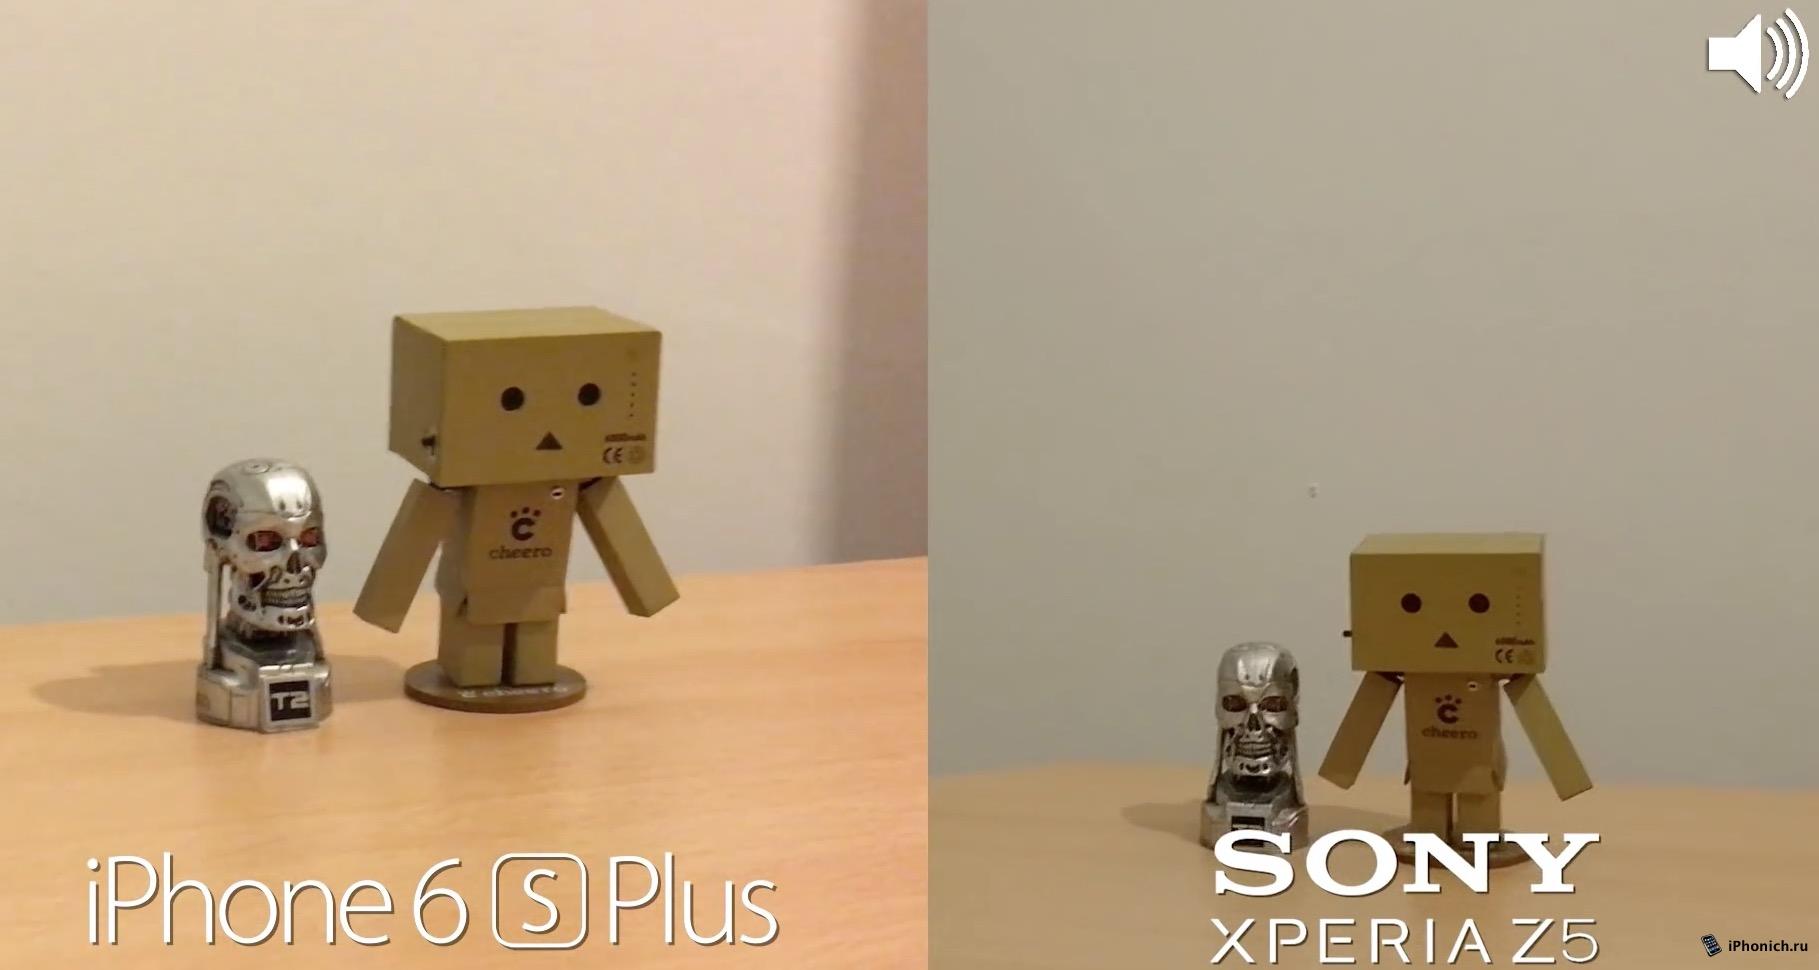 Sony Xperia Z5 vs iPhone 6s Plus: Сравнение качества фото и видео